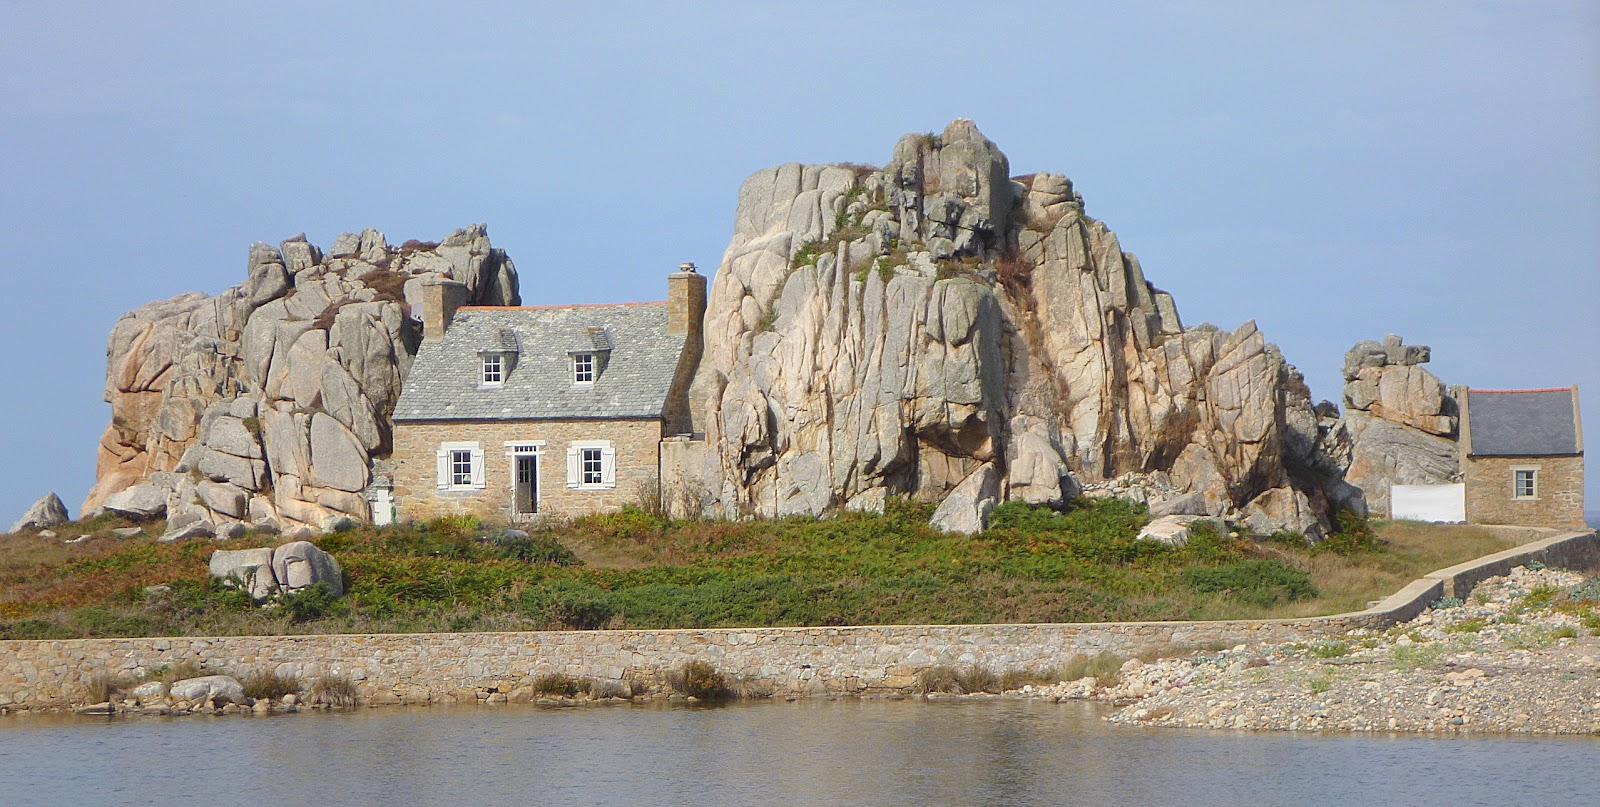 Histoires de voir bretagne nord le tr gor et la corniche bretonne 18 sept - Maison entre les rochers ...